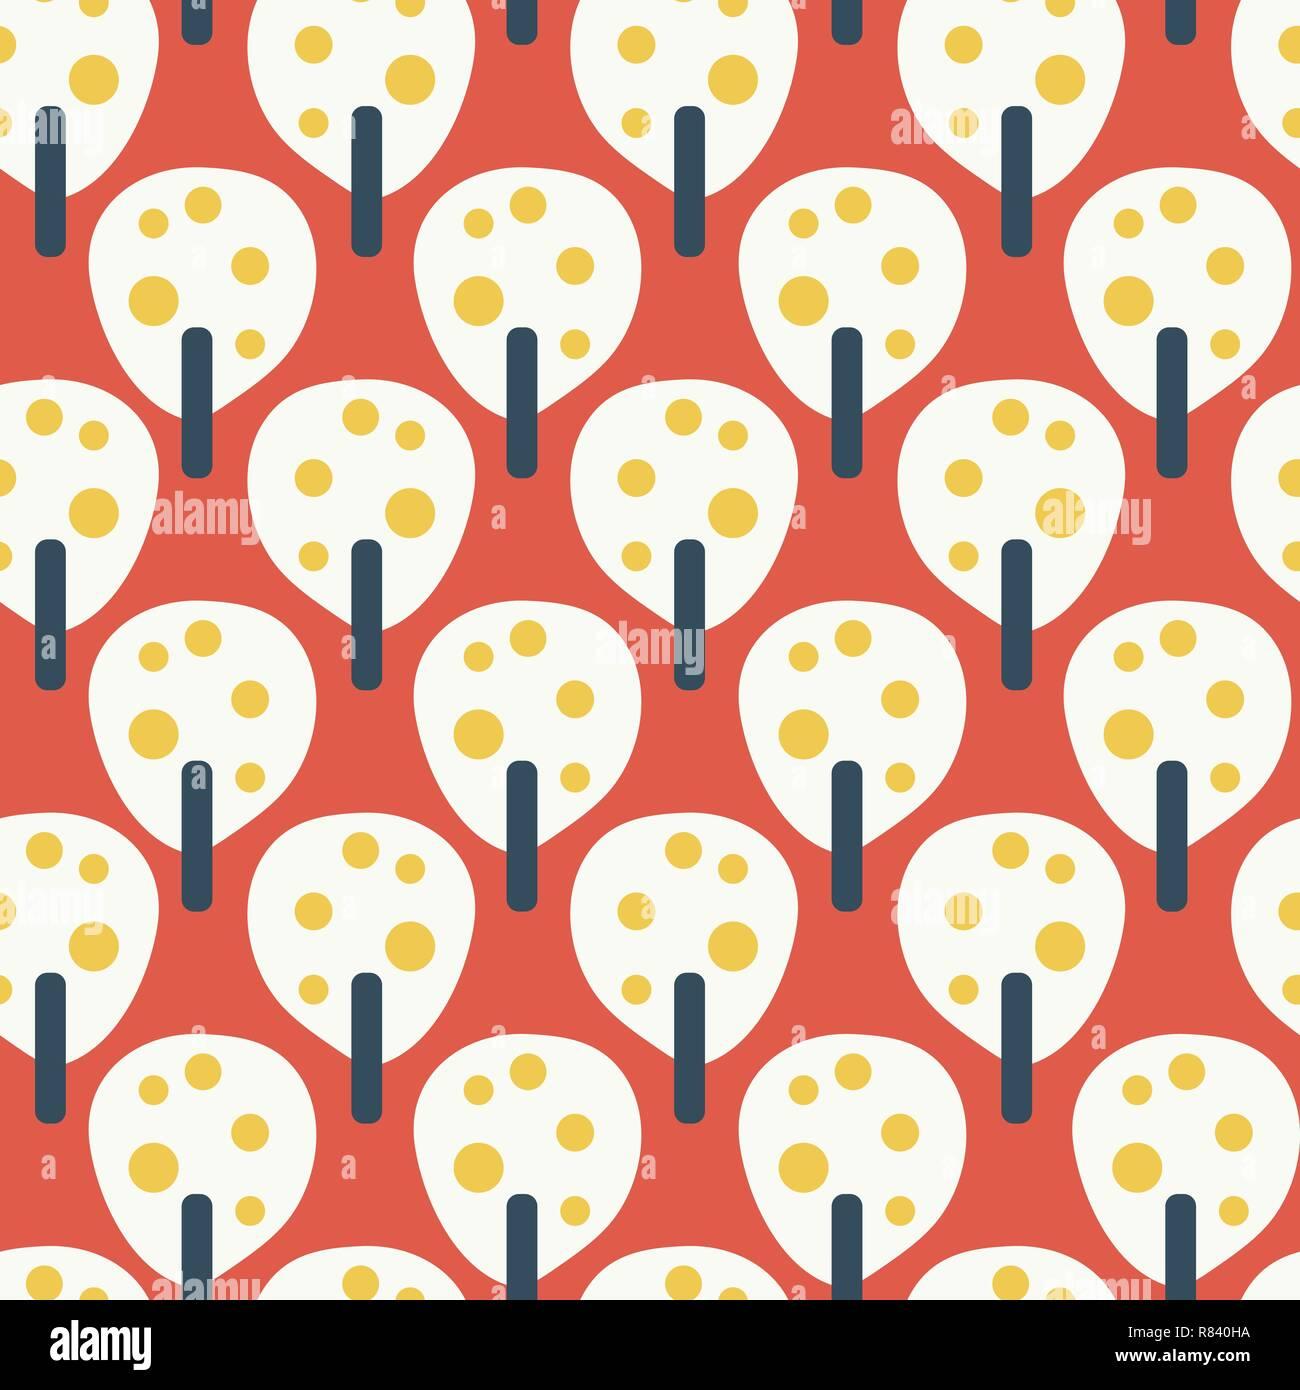 https www alamyimages fr fruits pommiers retro blanc rouge bleu jaune moutarde vecteur modele homogene fond d inspiration vintage television style scandinave l art geometrique parfait pour tissu papier peint decoration pour enfants la banniere image228740326 html